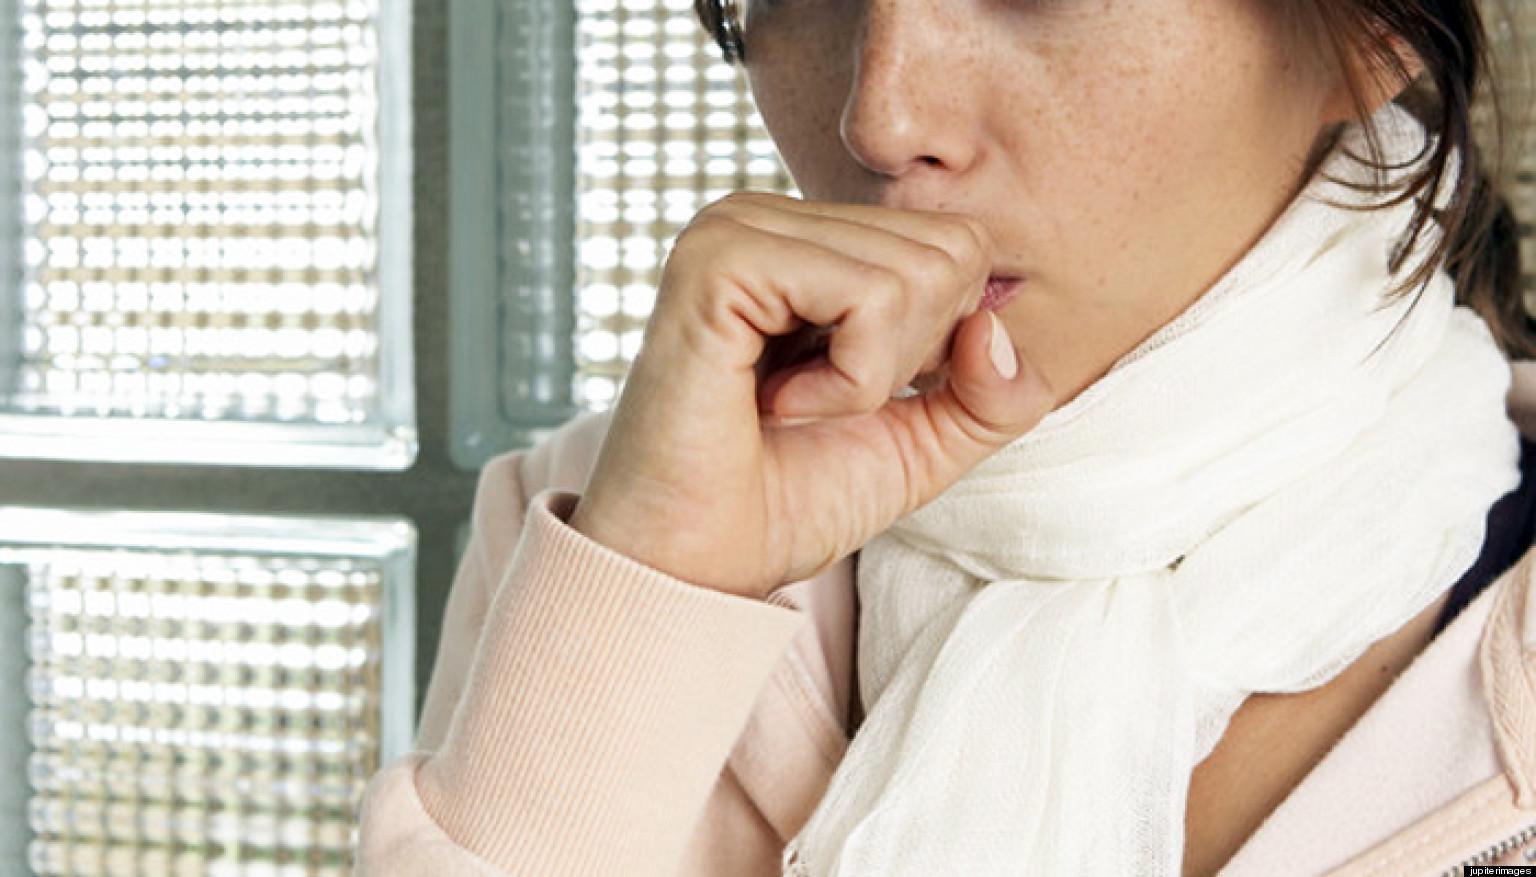 Tosse nervosa: cause, cure e rimedi naturali